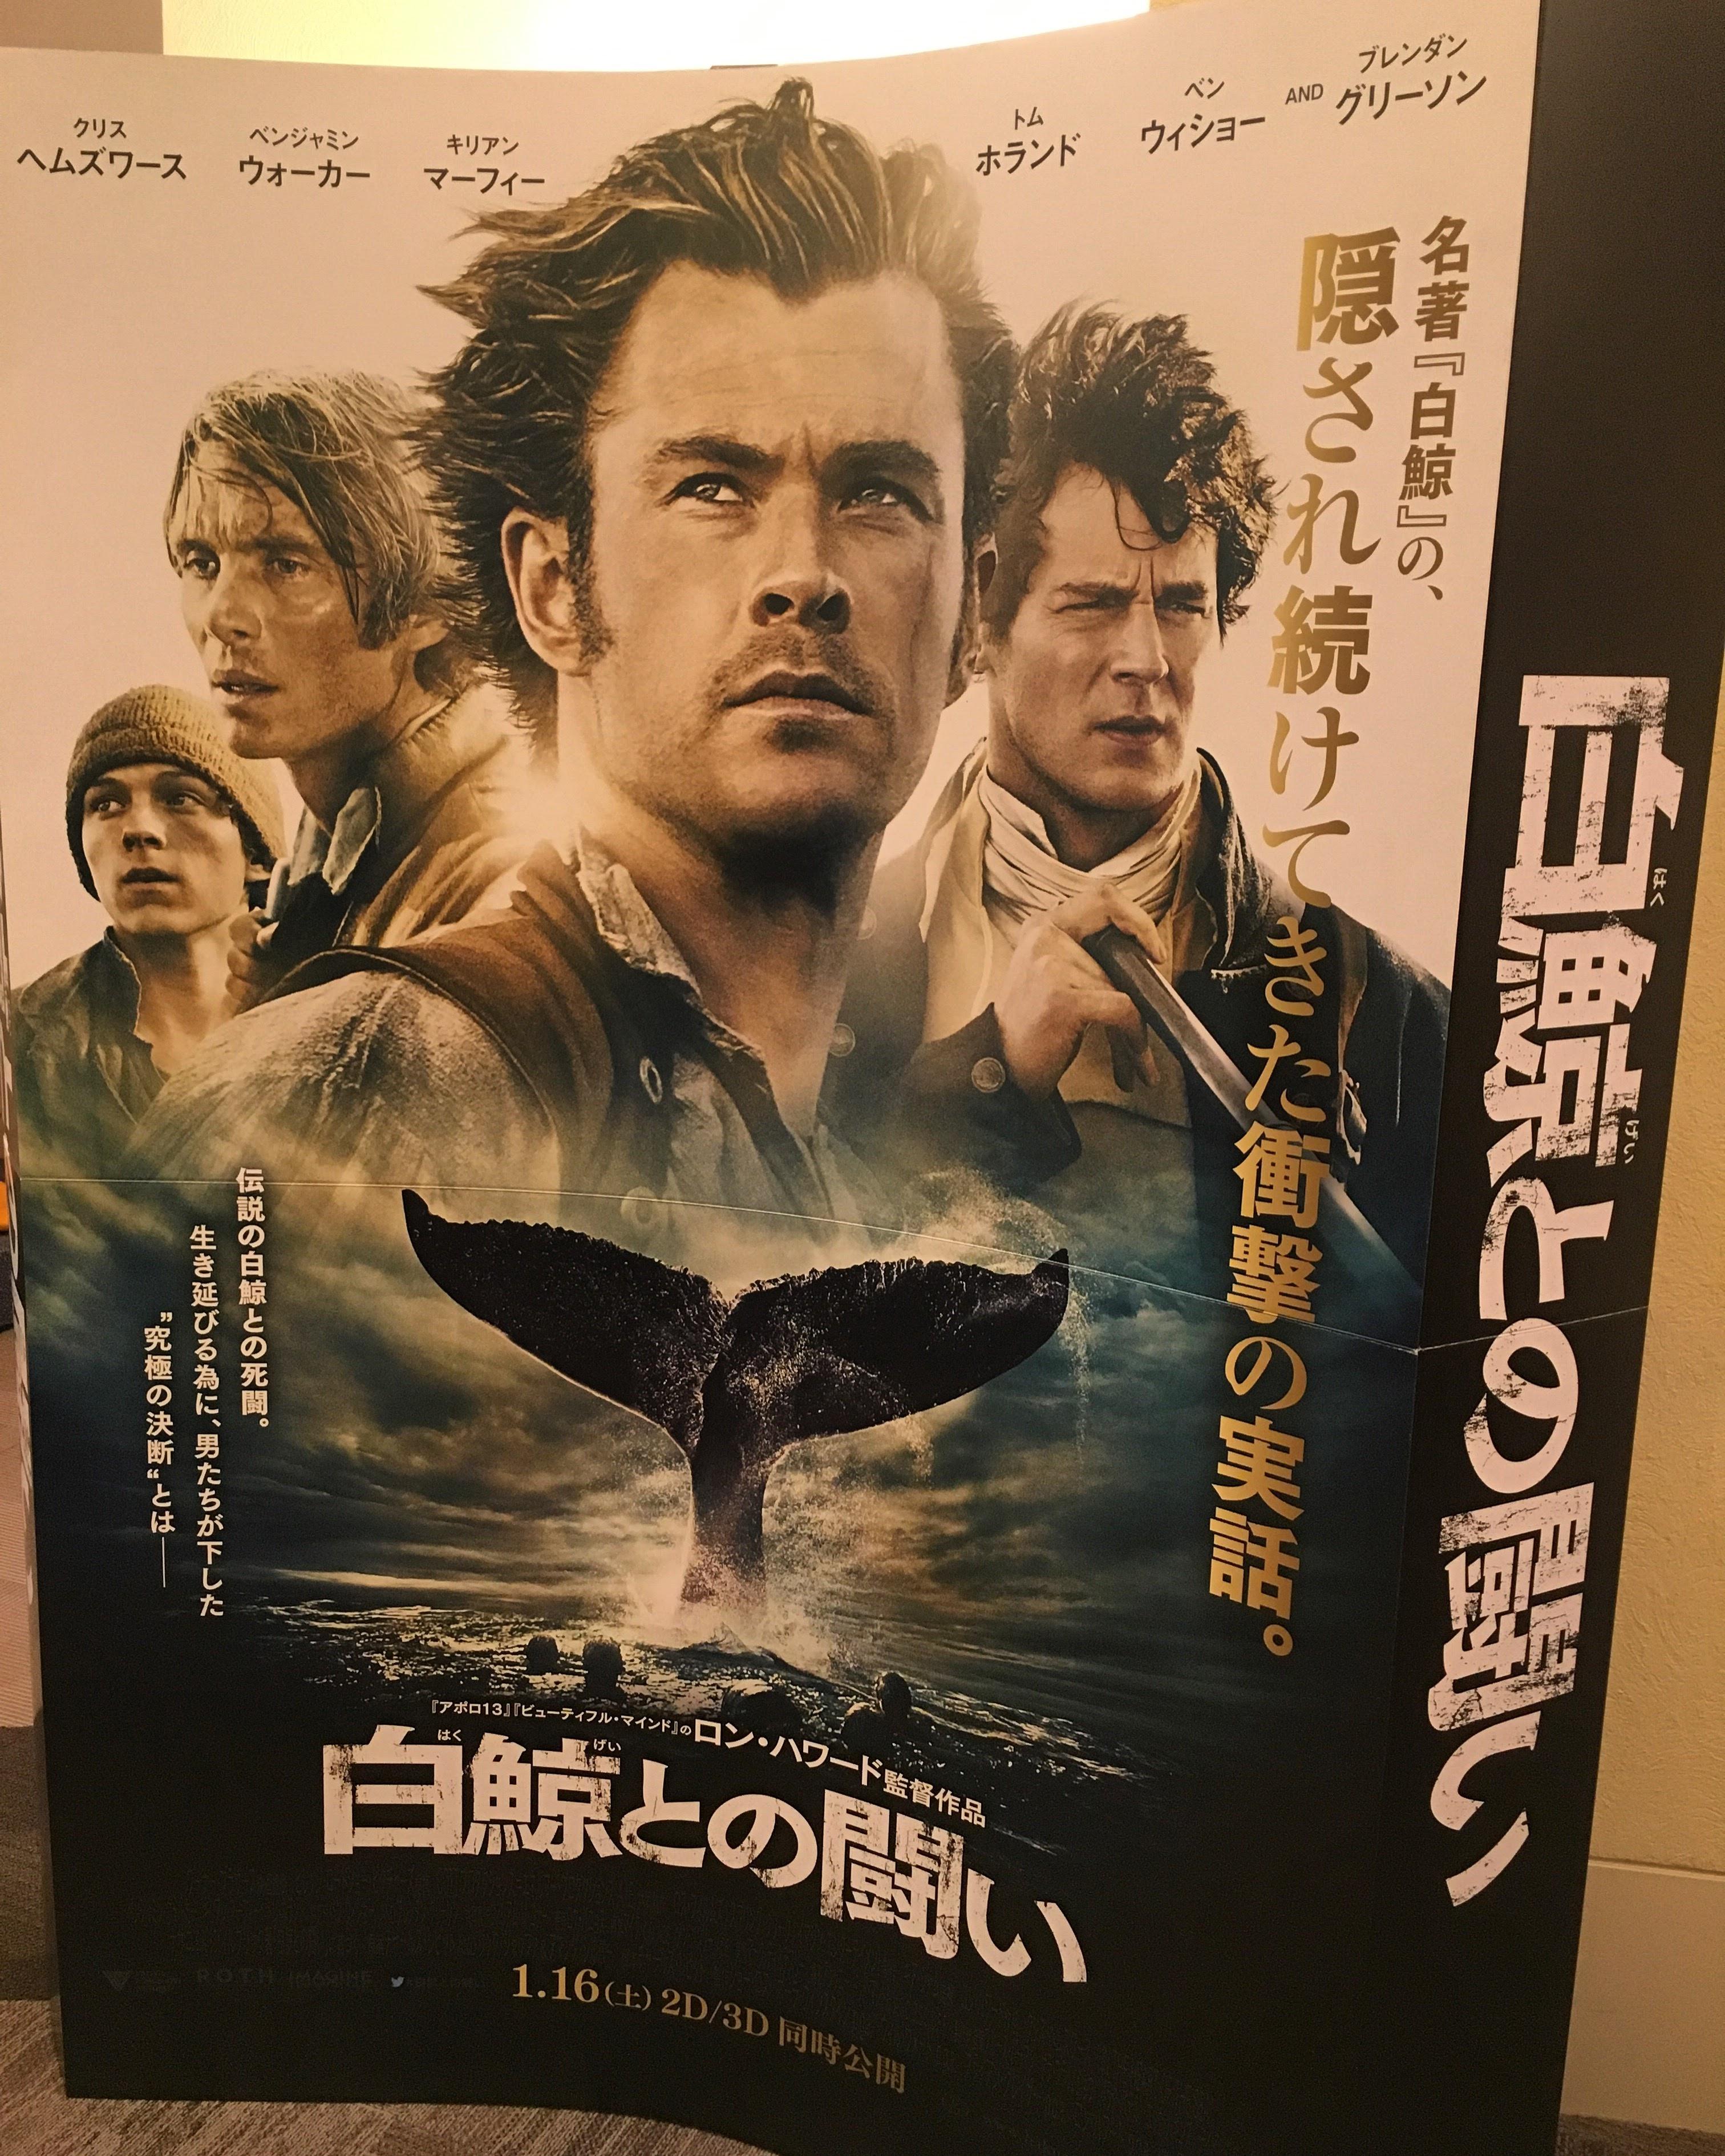 【吹替版あり】映画『白鯨との闘い』感想 本当の闘いは自分の中にある  #くじらでかい